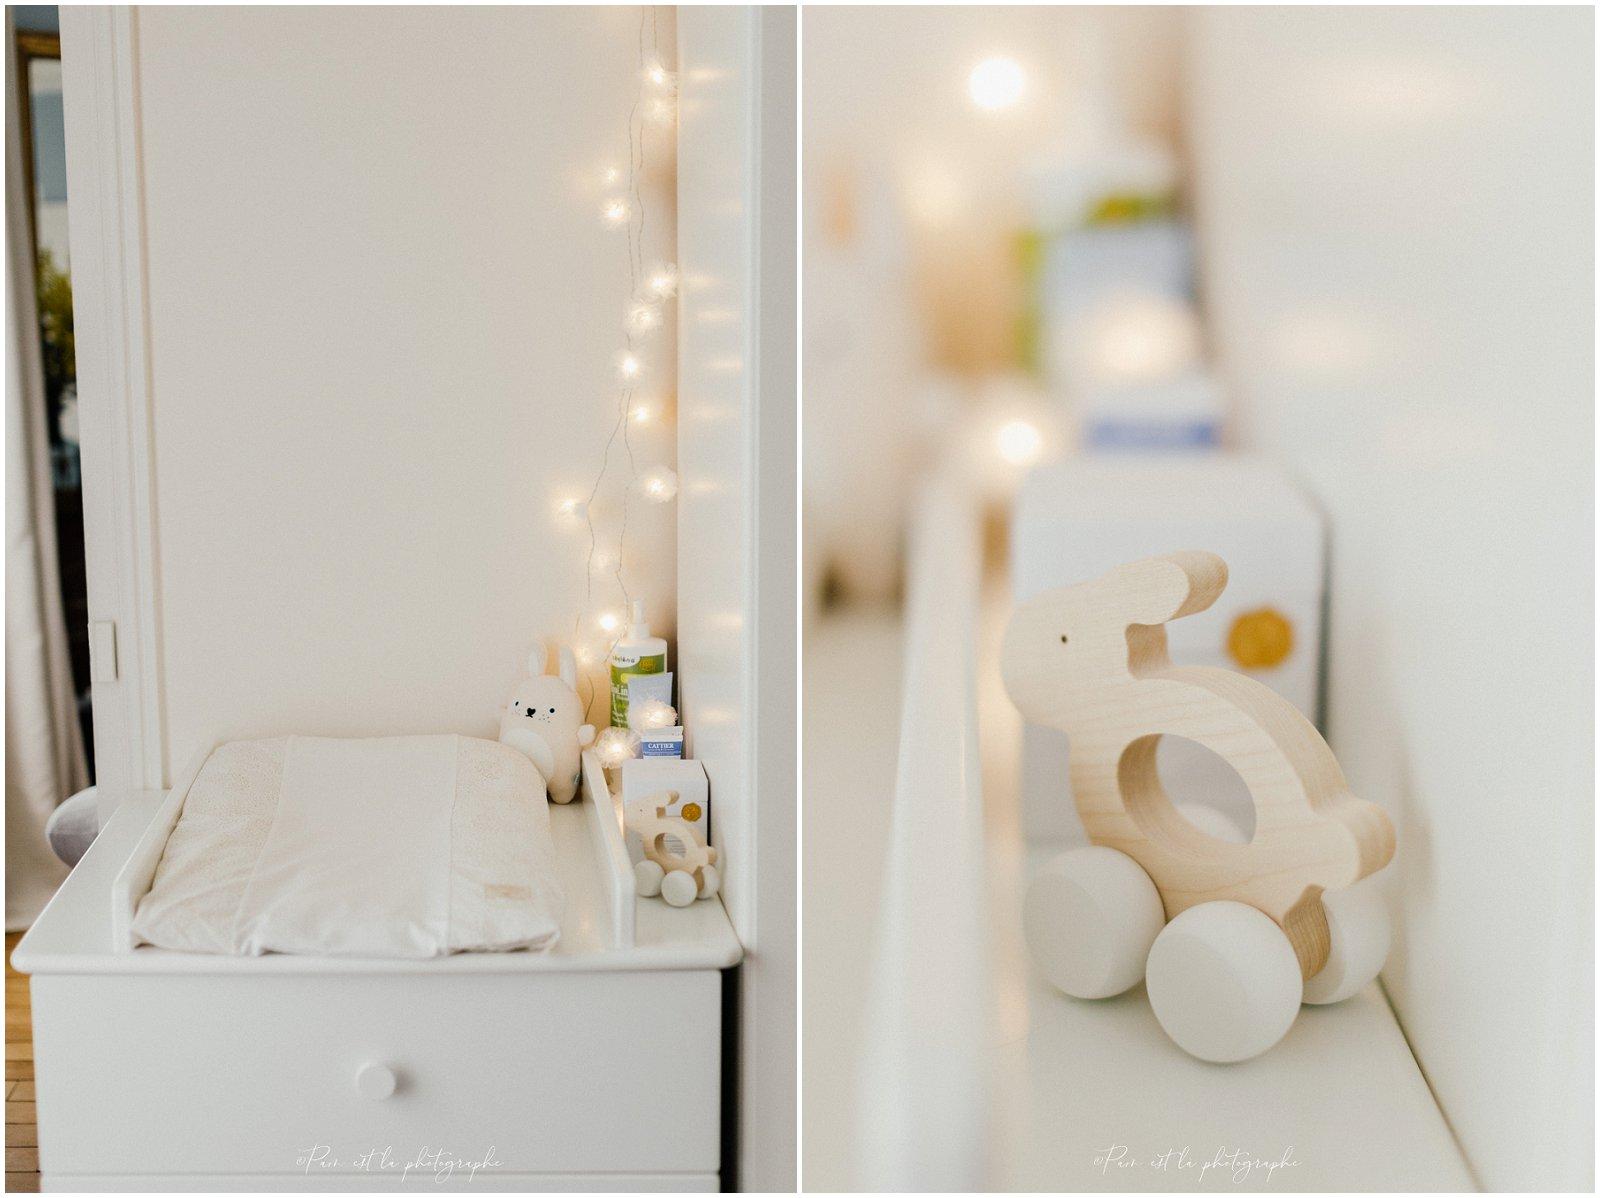 Détails de la chambre de bébé